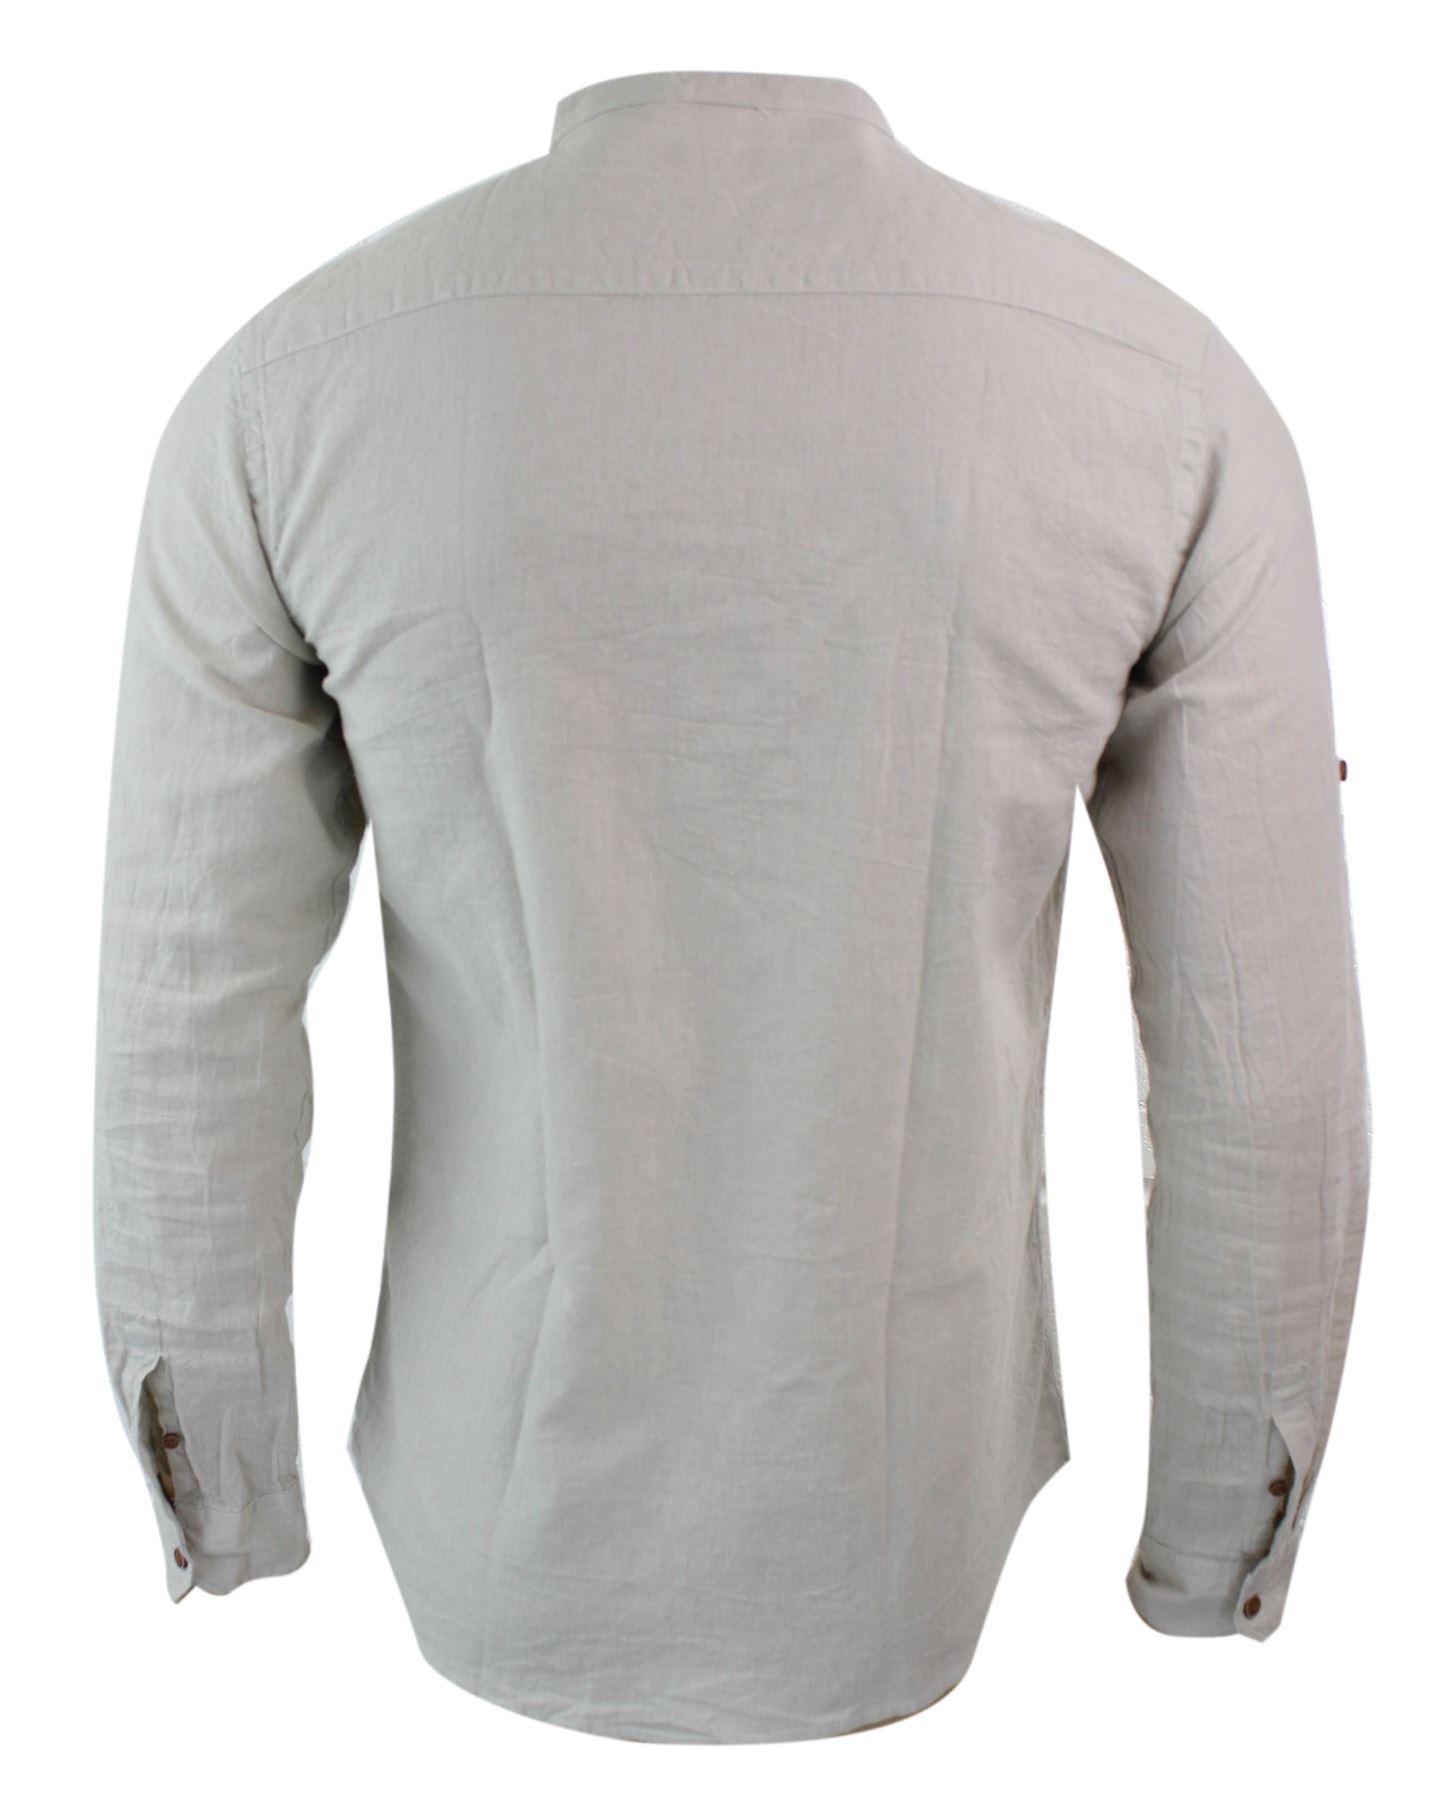 chemise l g re sans col homme en lin pour plage vacances d contract tendance ebay. Black Bedroom Furniture Sets. Home Design Ideas